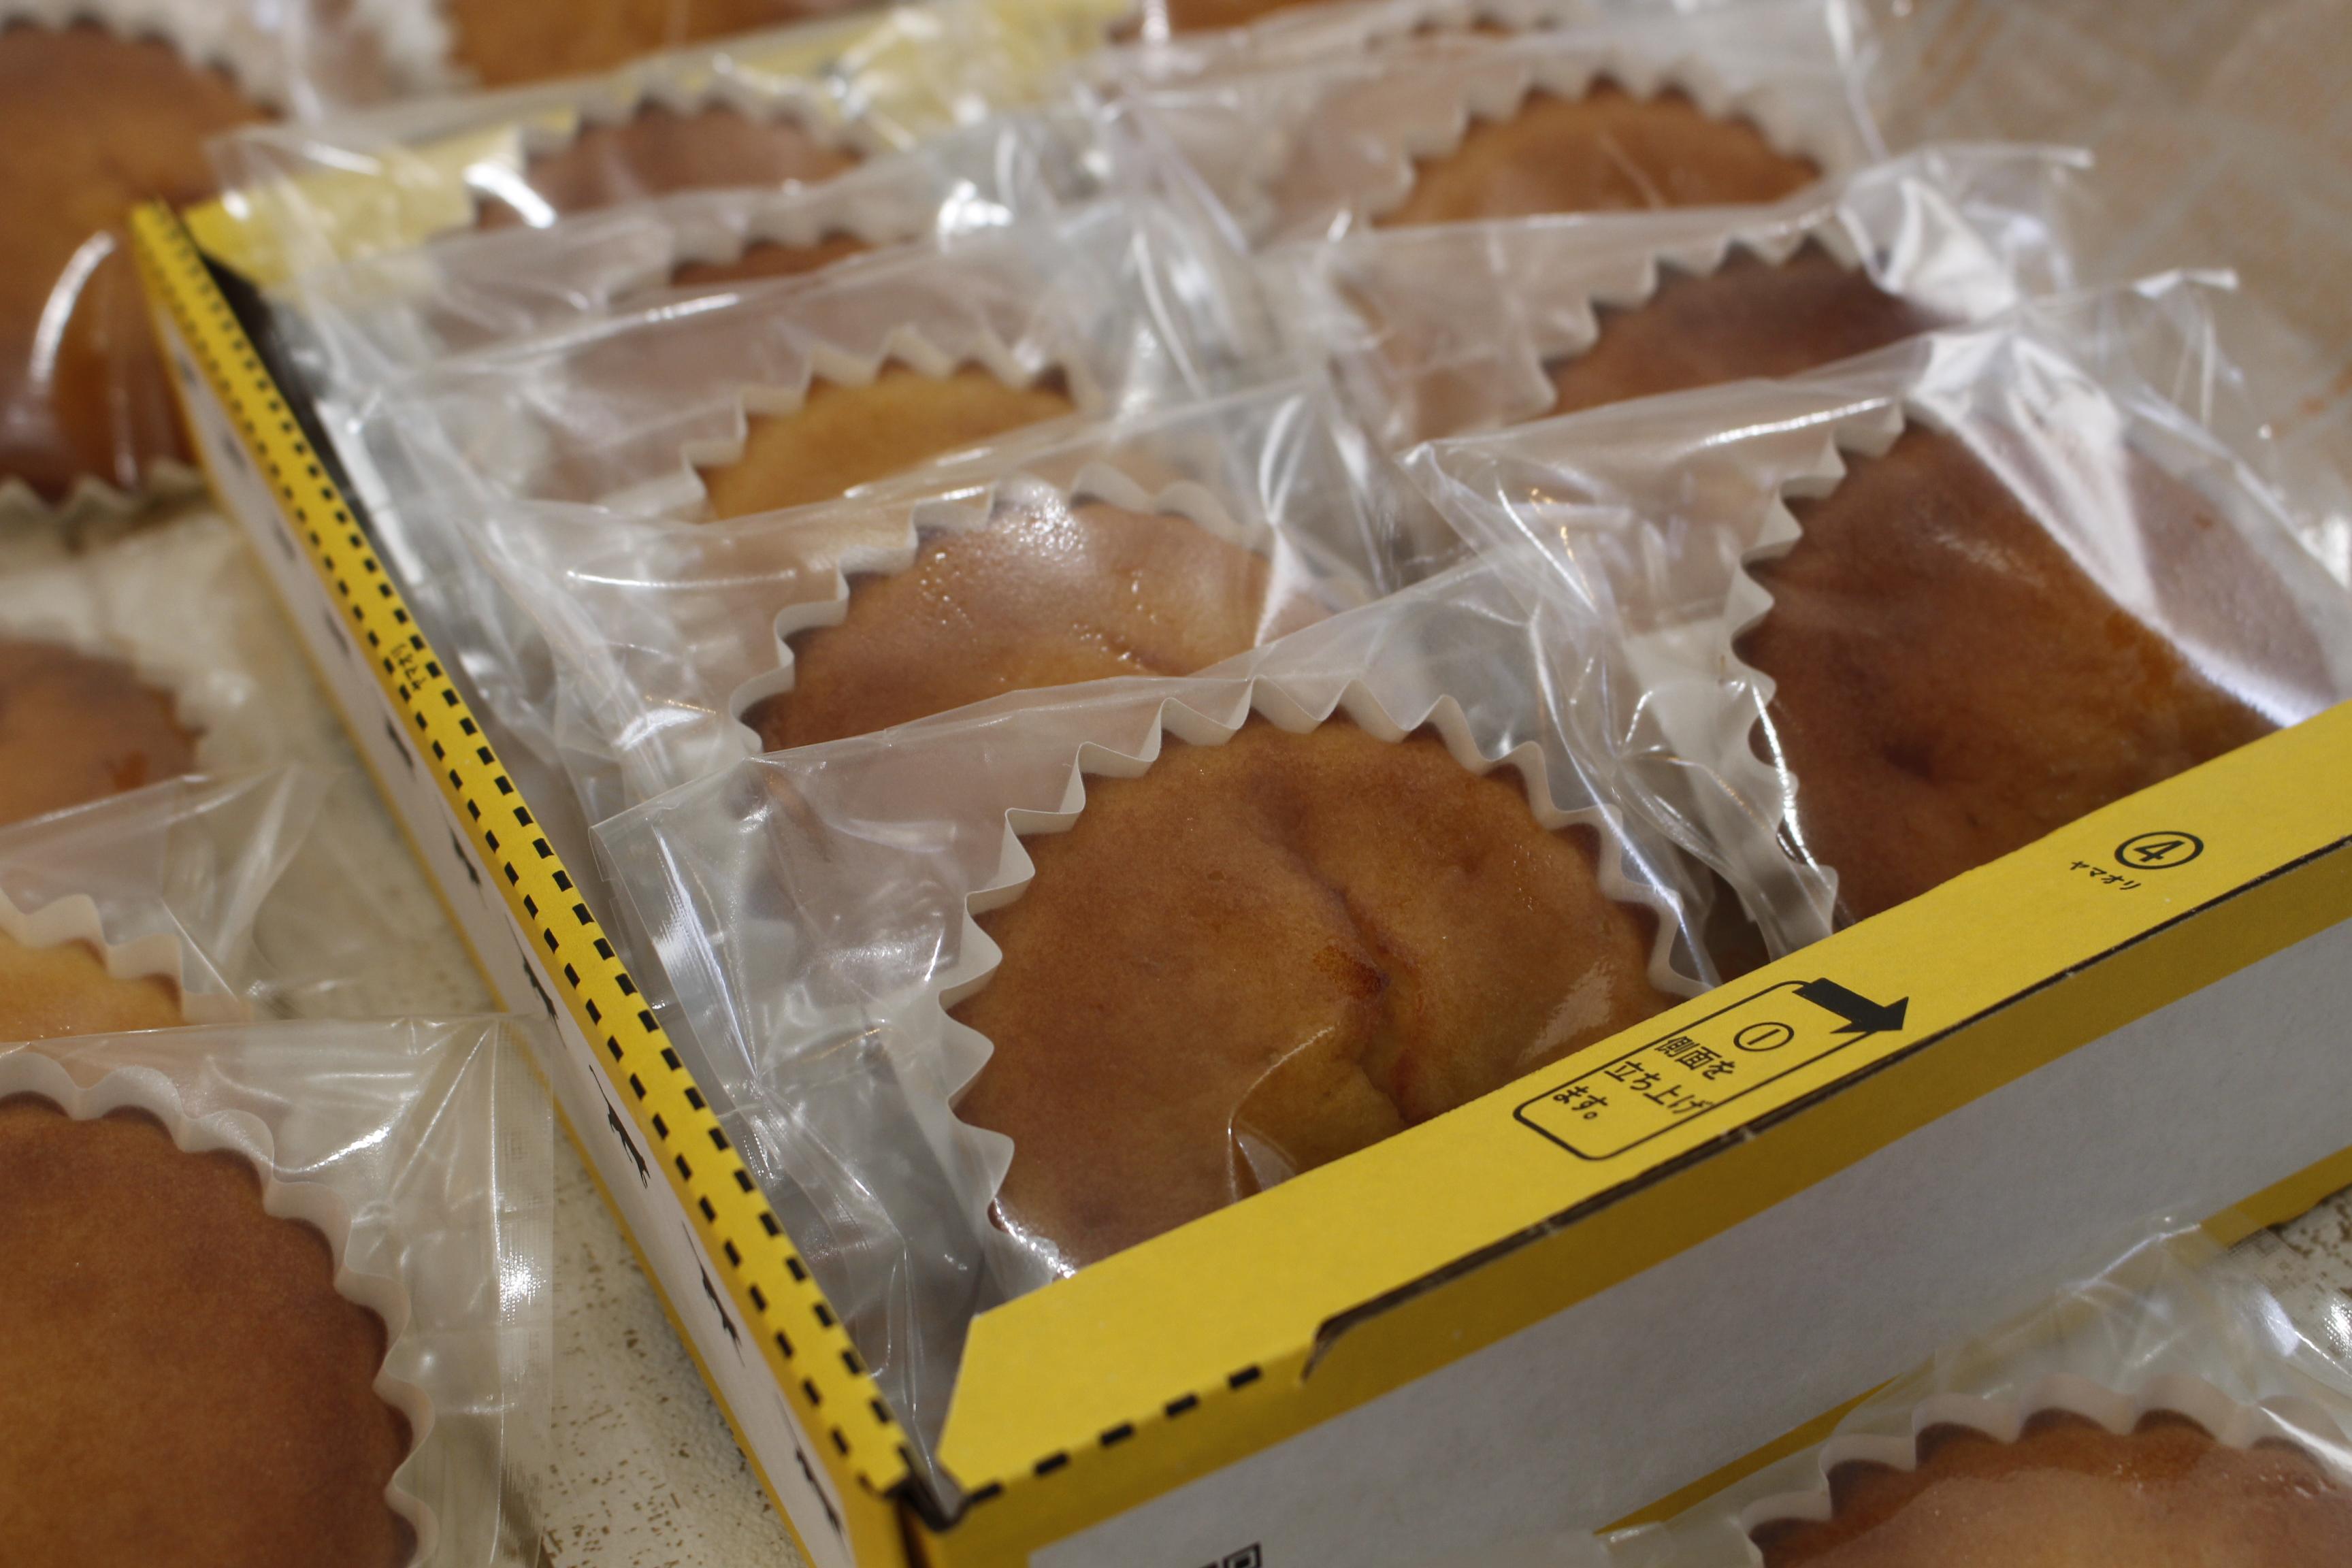 a-ta-sante糖質制限パン料理教室。阿倍野区。桃ヶ池町。a-ta-sant'e.オンラインレッスン。zoomレッスン。低糖食コーディネーター。利野郁枝。低糖質マドレーヌ。糖質約1.8g。